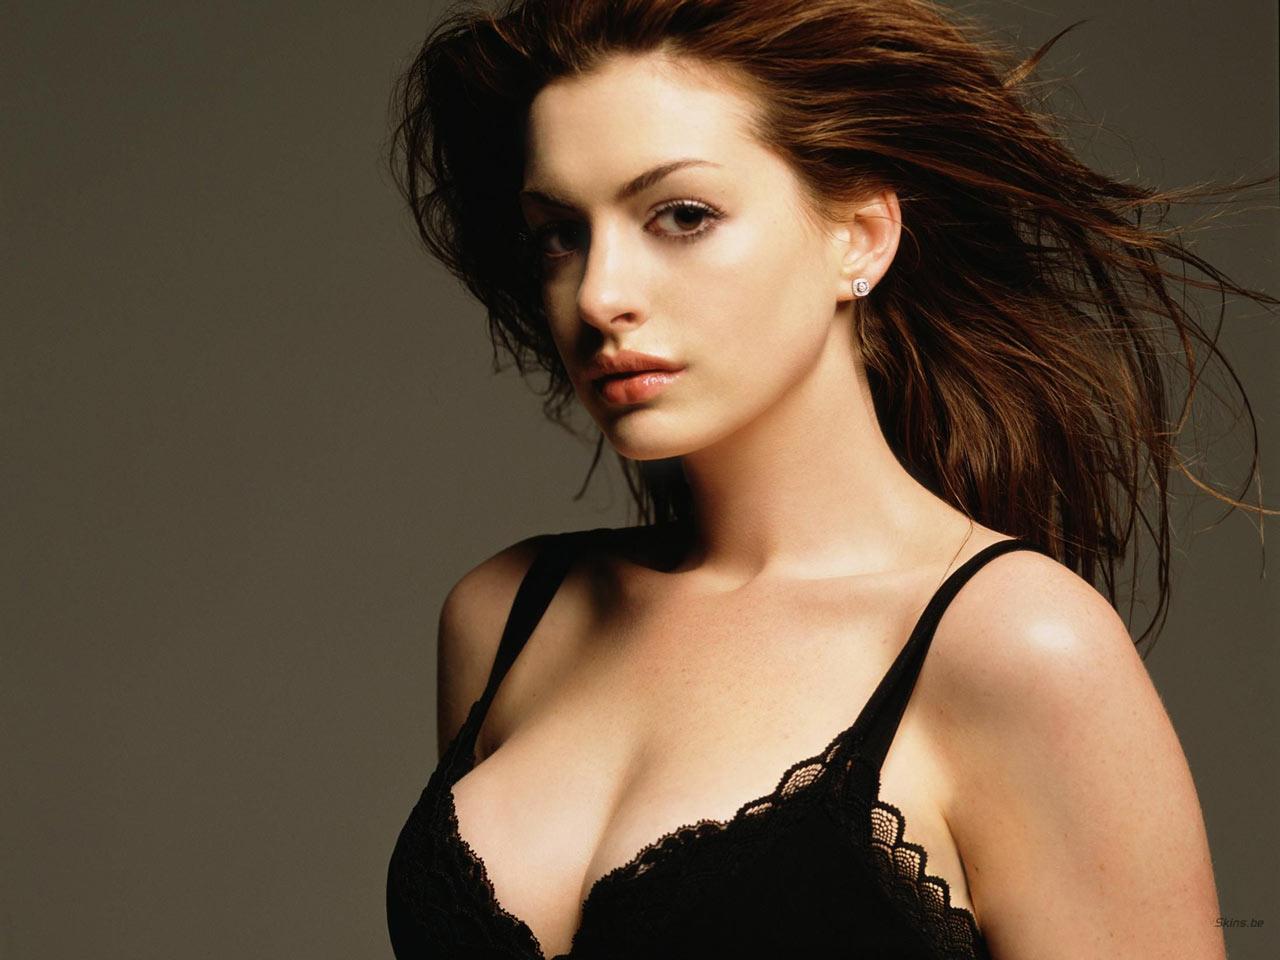 http://3.bp.blogspot.com/_ZelggTu08hA/TUQIKk_HgCI/AAAAAAAAI3c/QX20r3y24YQ/s1600/Anne+Hathaway+%2814%29.jpg